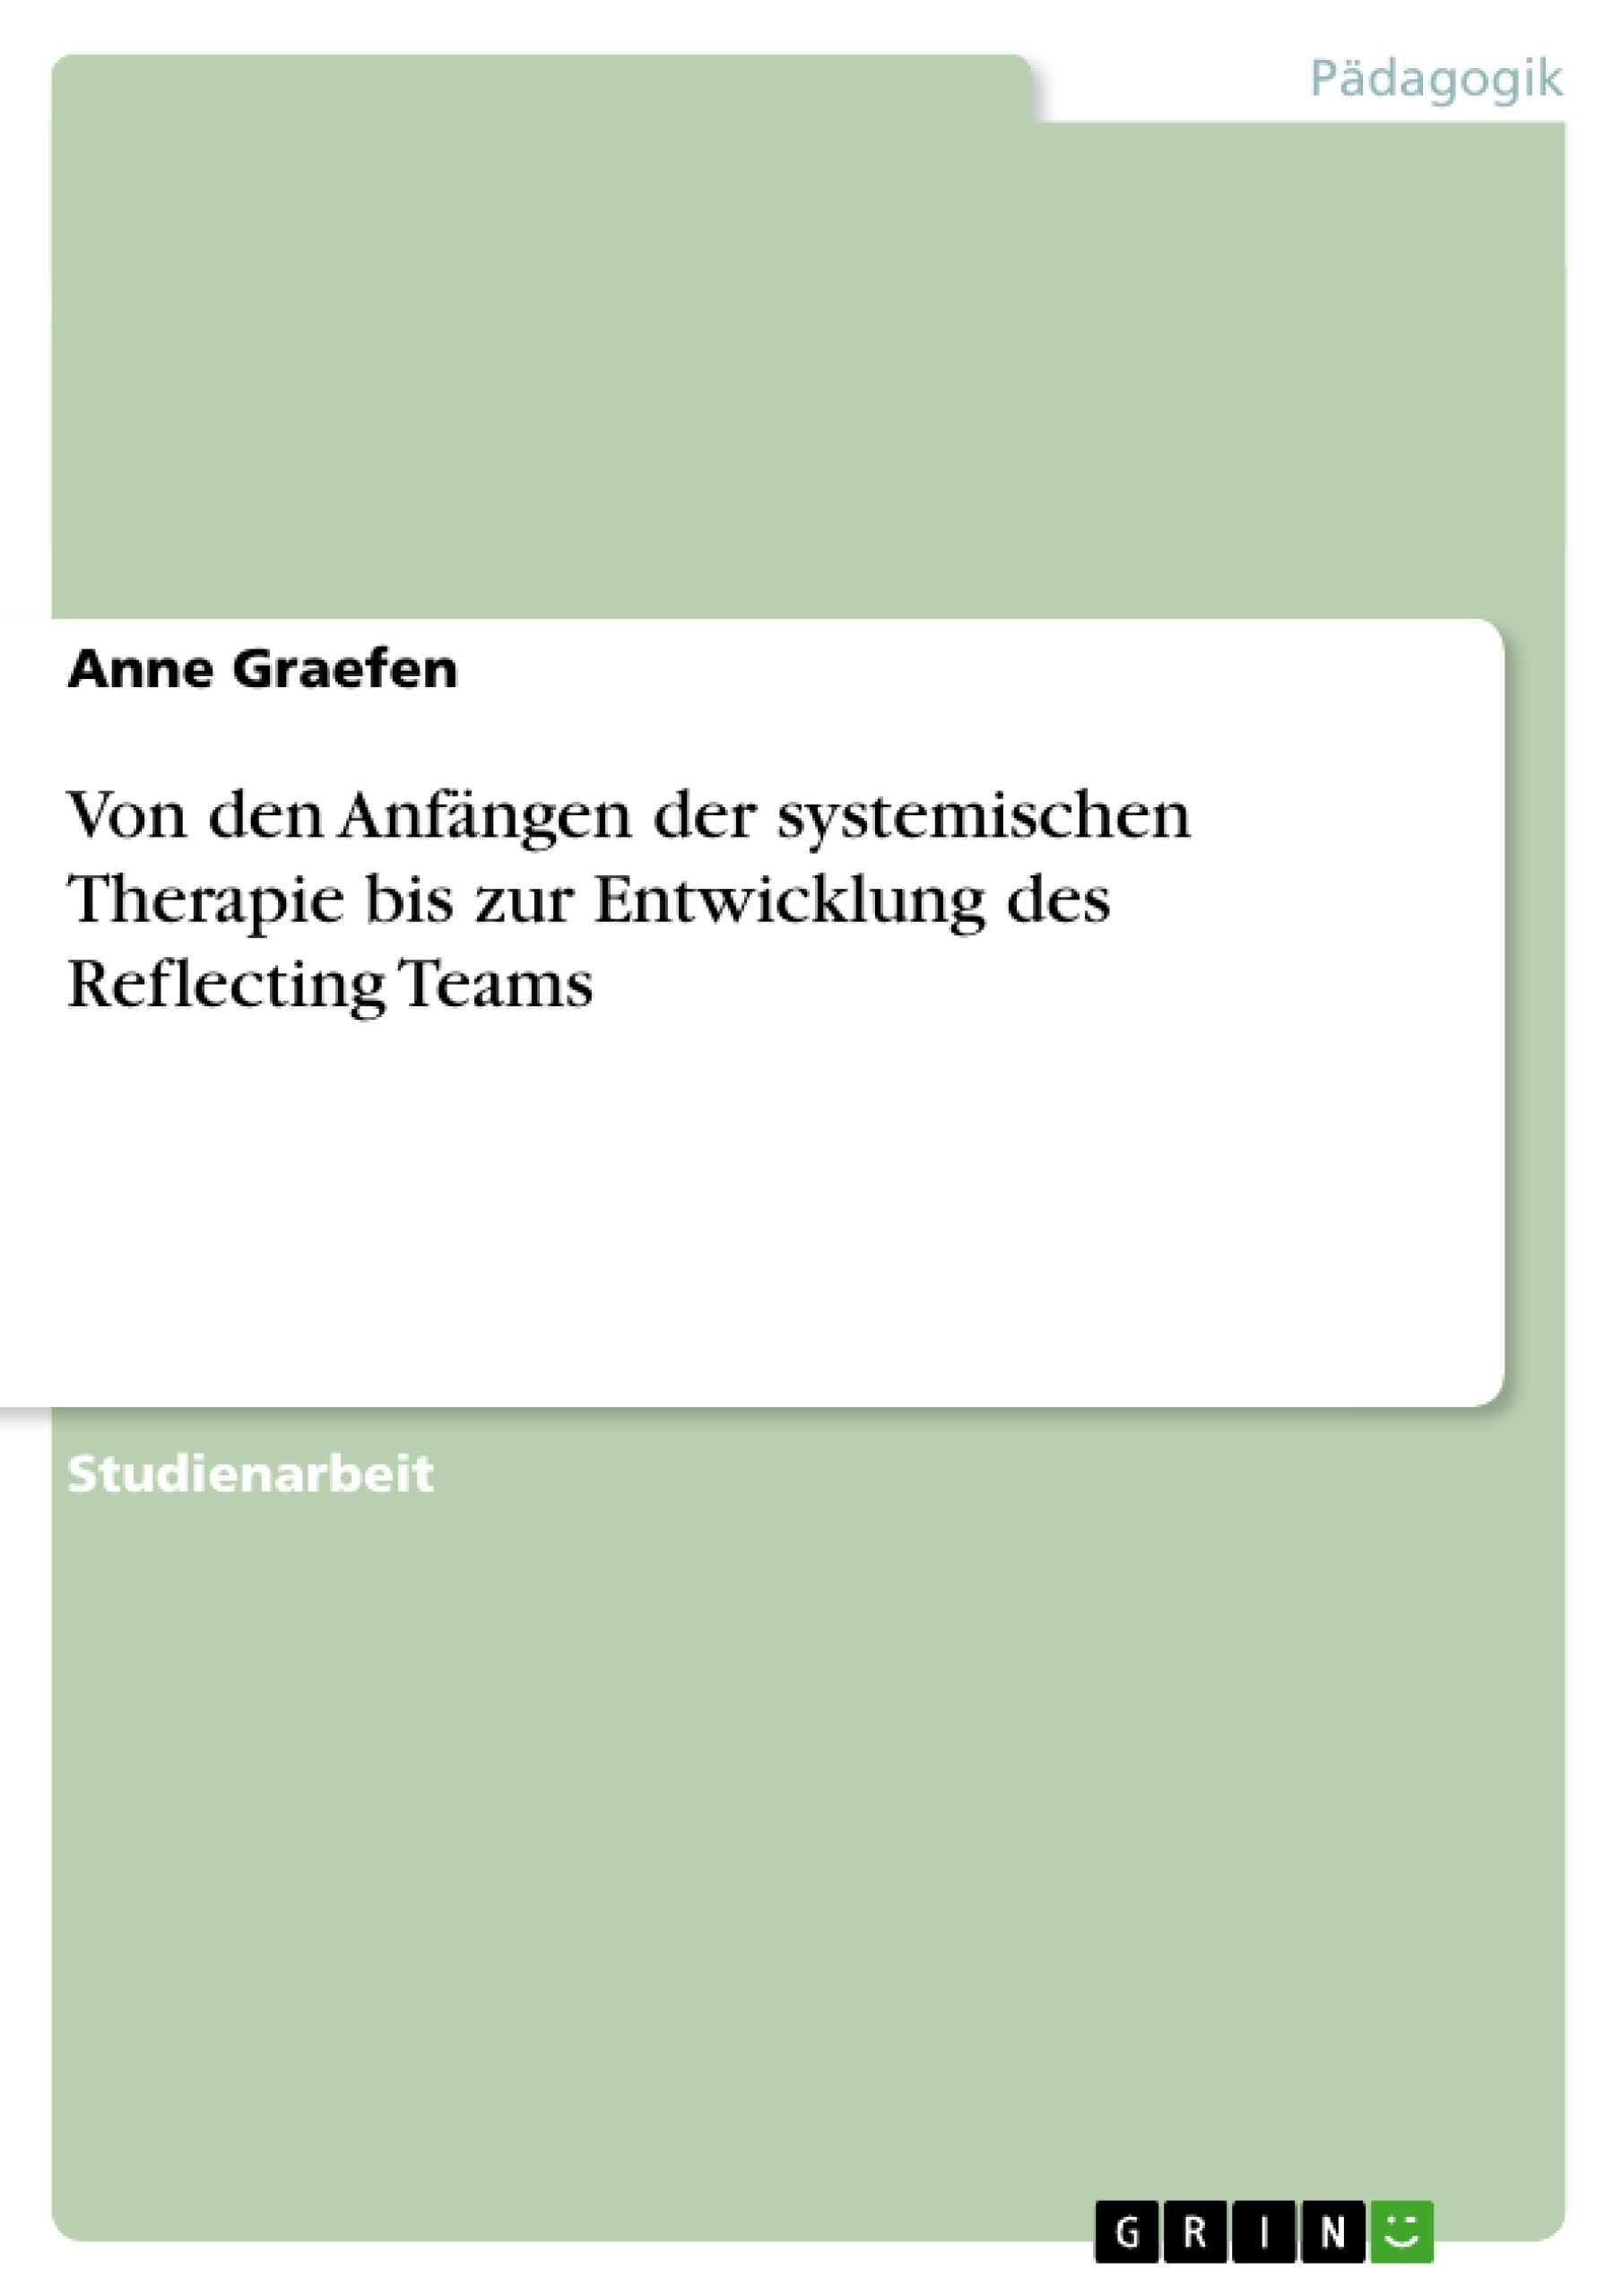 Titel: Von den Anfängen der systemischen Therapie bis zur Entwicklung des Reflecting Teams